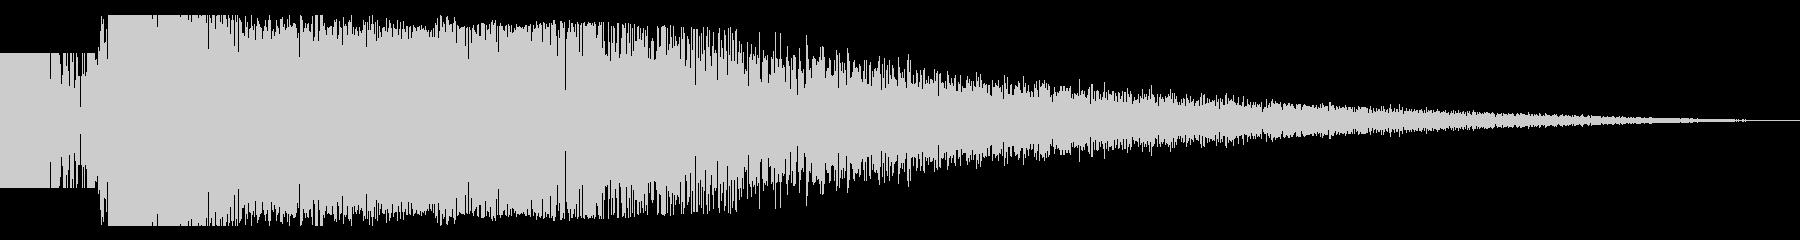 ビームライフル発射音 タイプ4(ロング)の未再生の波形